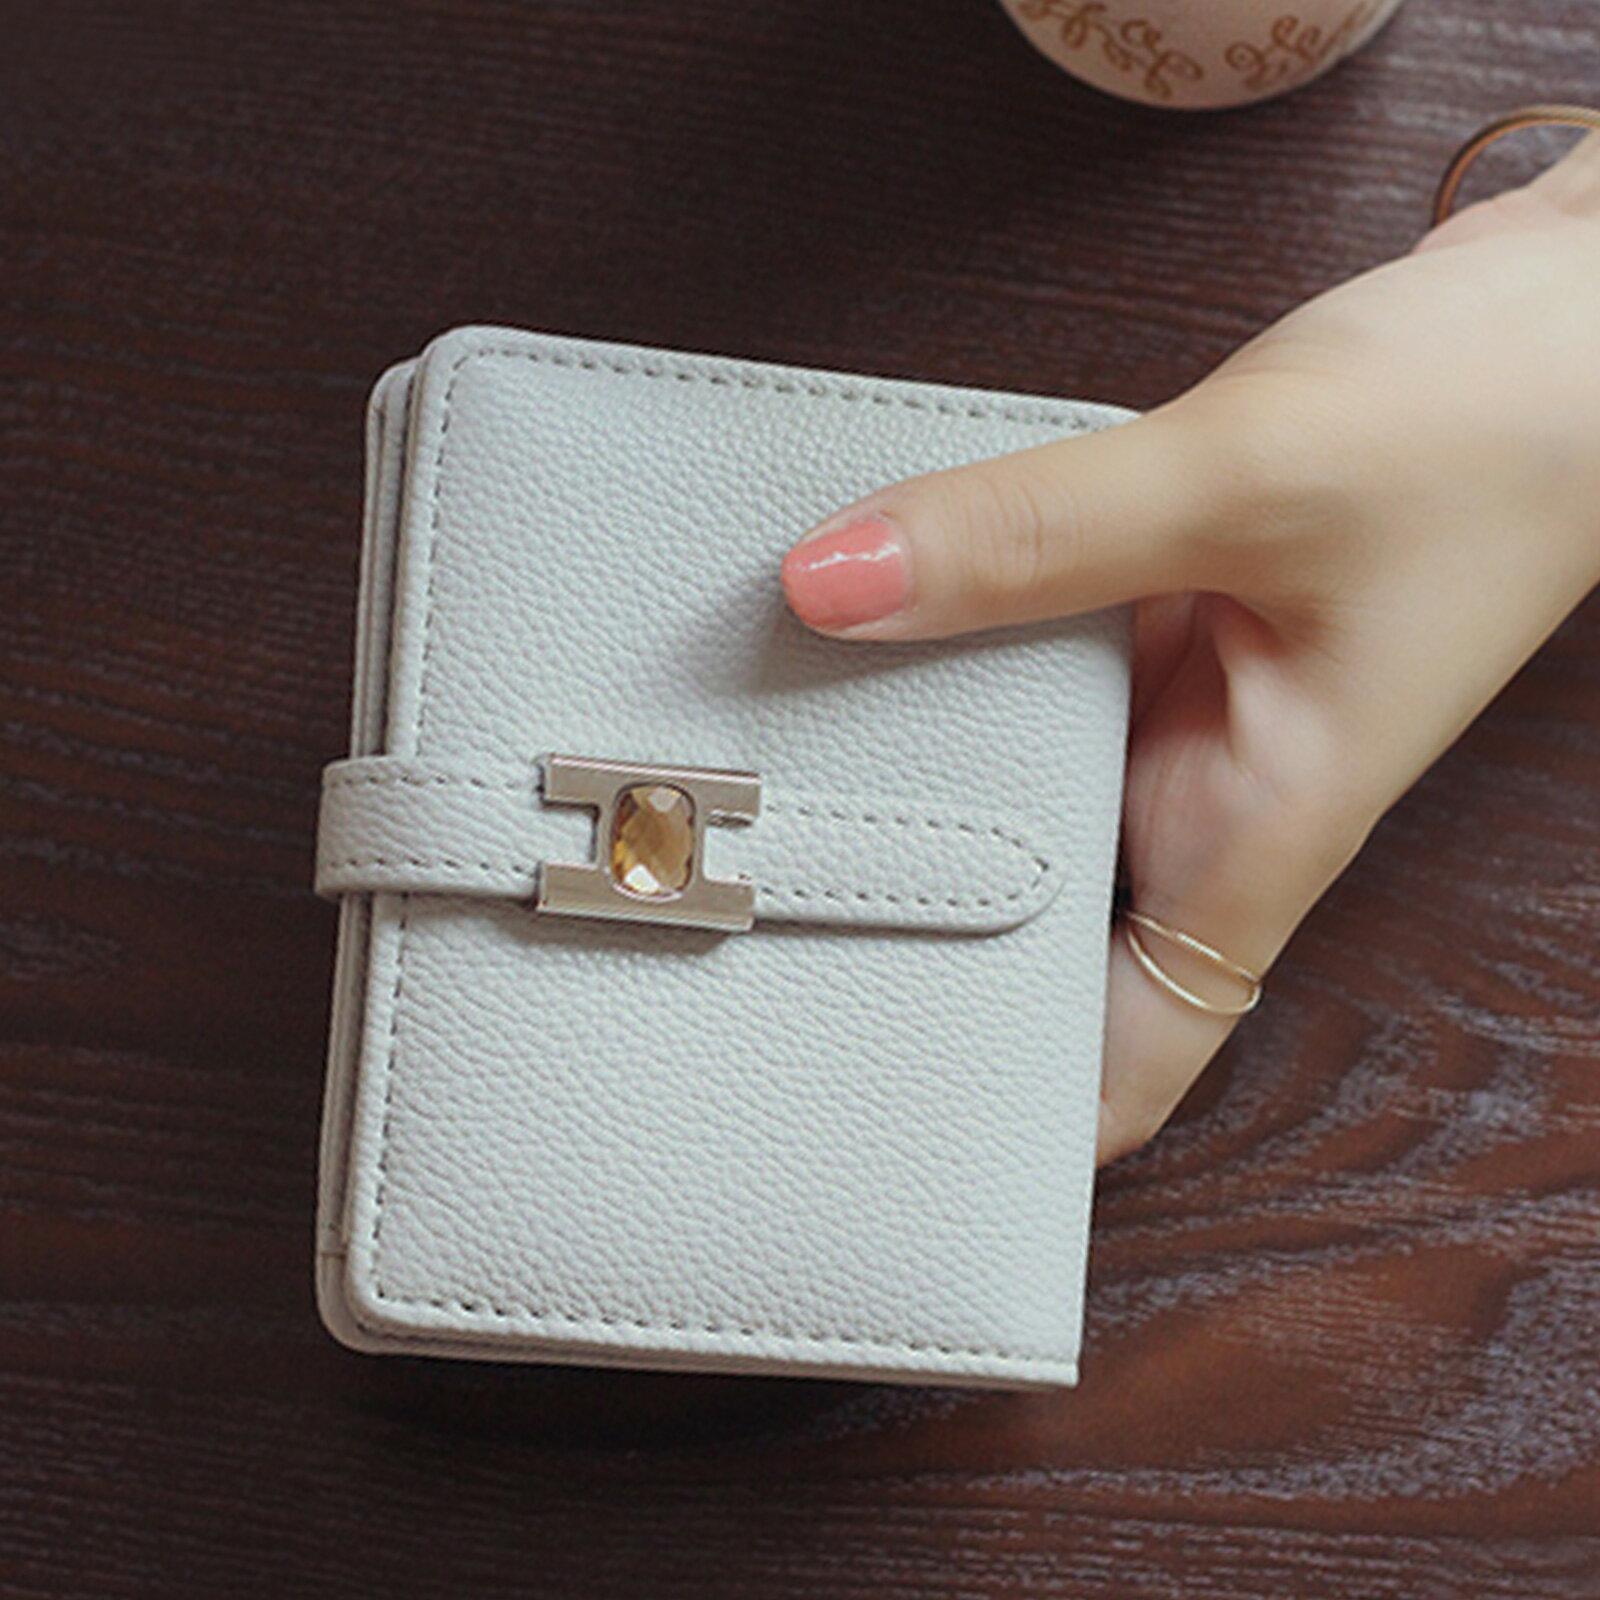 皮夾 錢包 超薄扣式短款錢包短夾【O3219】☆雙兒網☆ 0